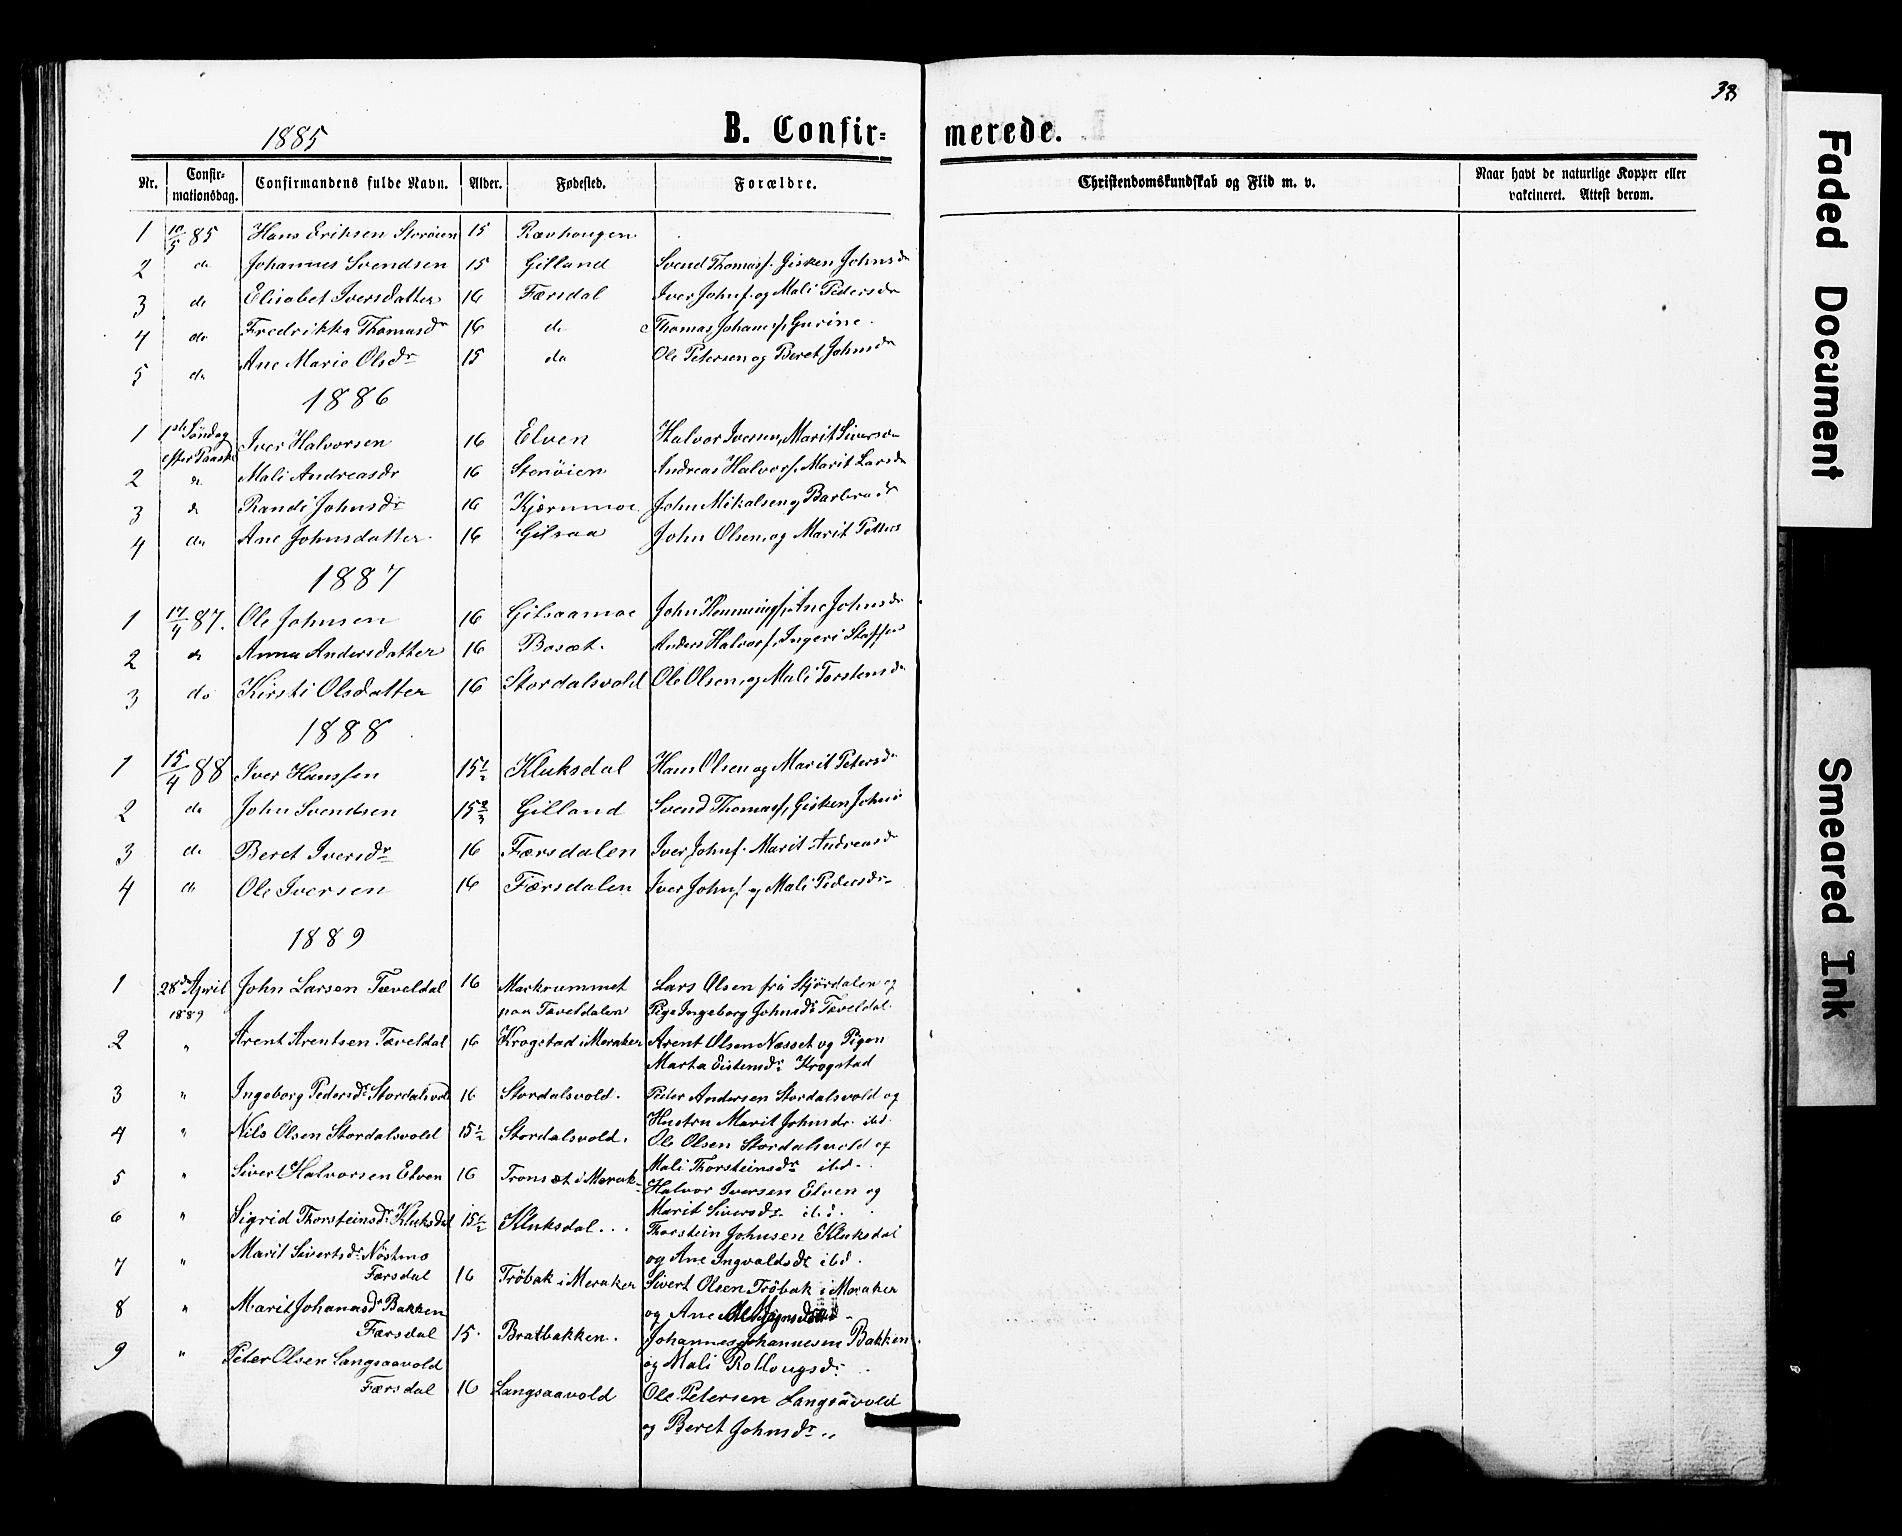 SAT, Ministerialprotokoller, klokkerbøker og fødselsregistre - Nord-Trøndelag, 707/L0052: Klokkerbok nr. 707C01, 1864-1897, s. 38